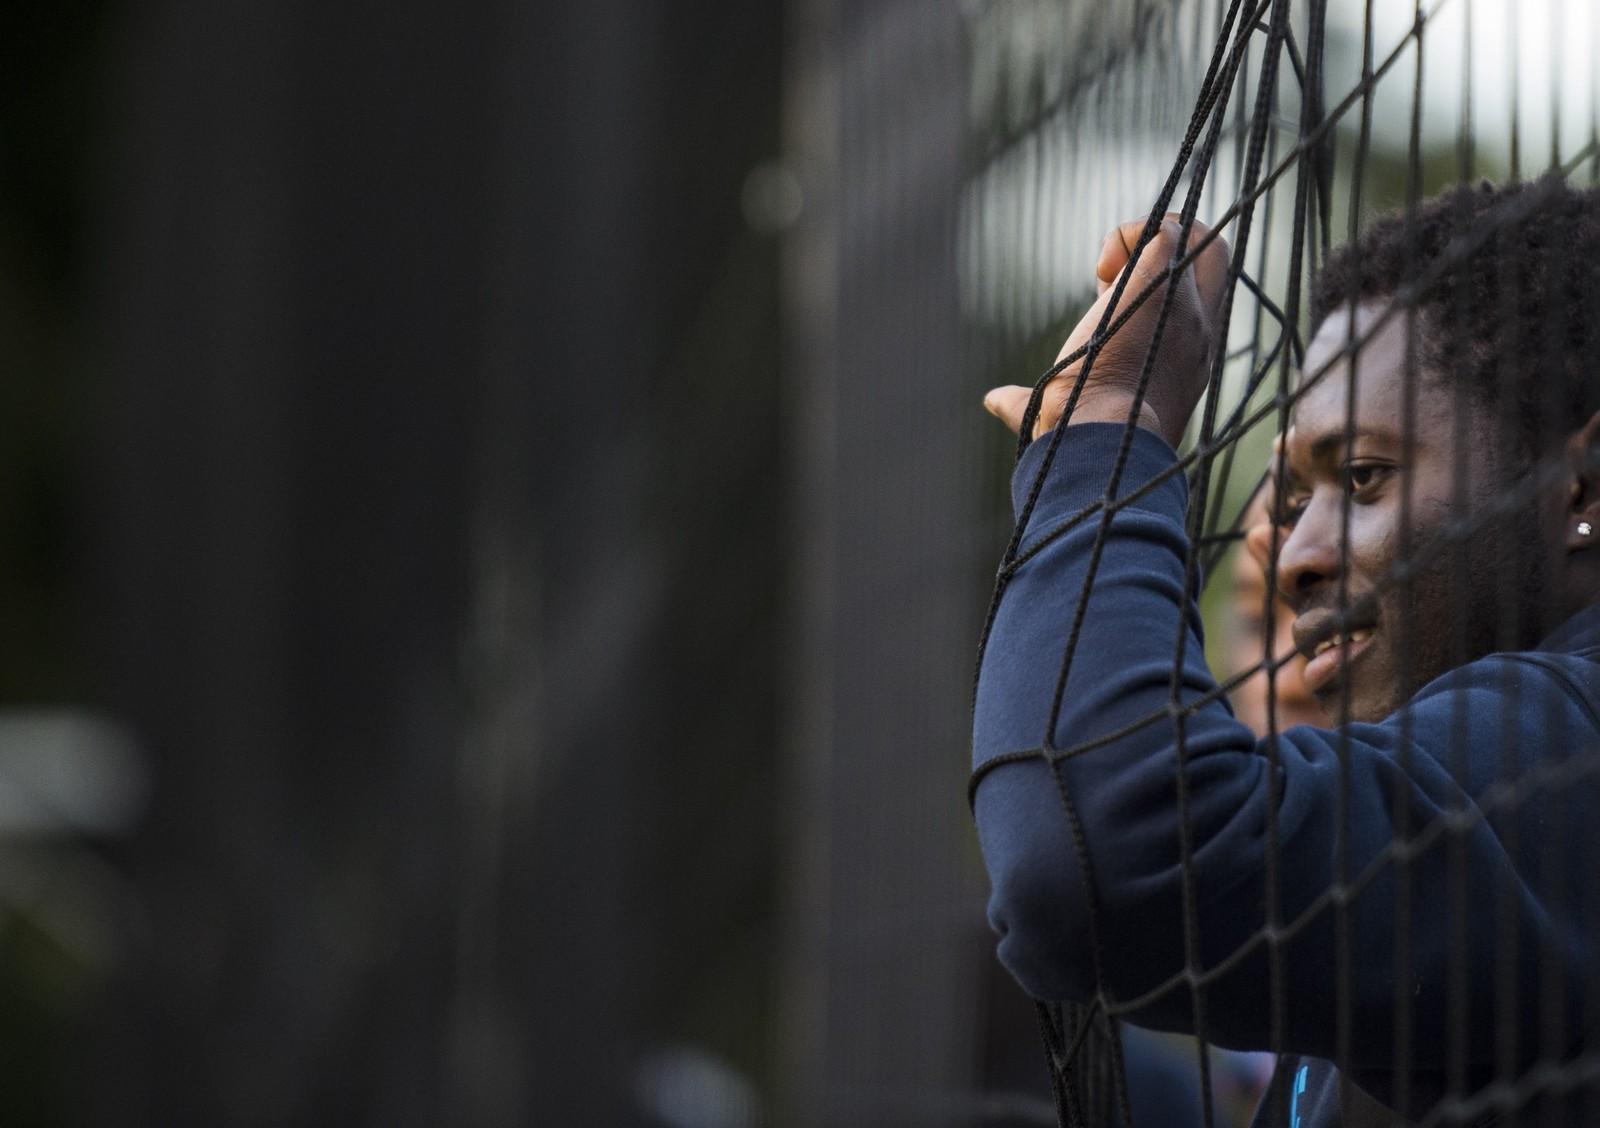 Et medlem av fotballaget Welcome United 03 venter på at treninga skal starte i Potsdam, Tyskland. Laget, som får støtte fra klubben Babelsberg 03, består av flyktninger og trenes av den tidligere Bayern-treneren Felix Magath.